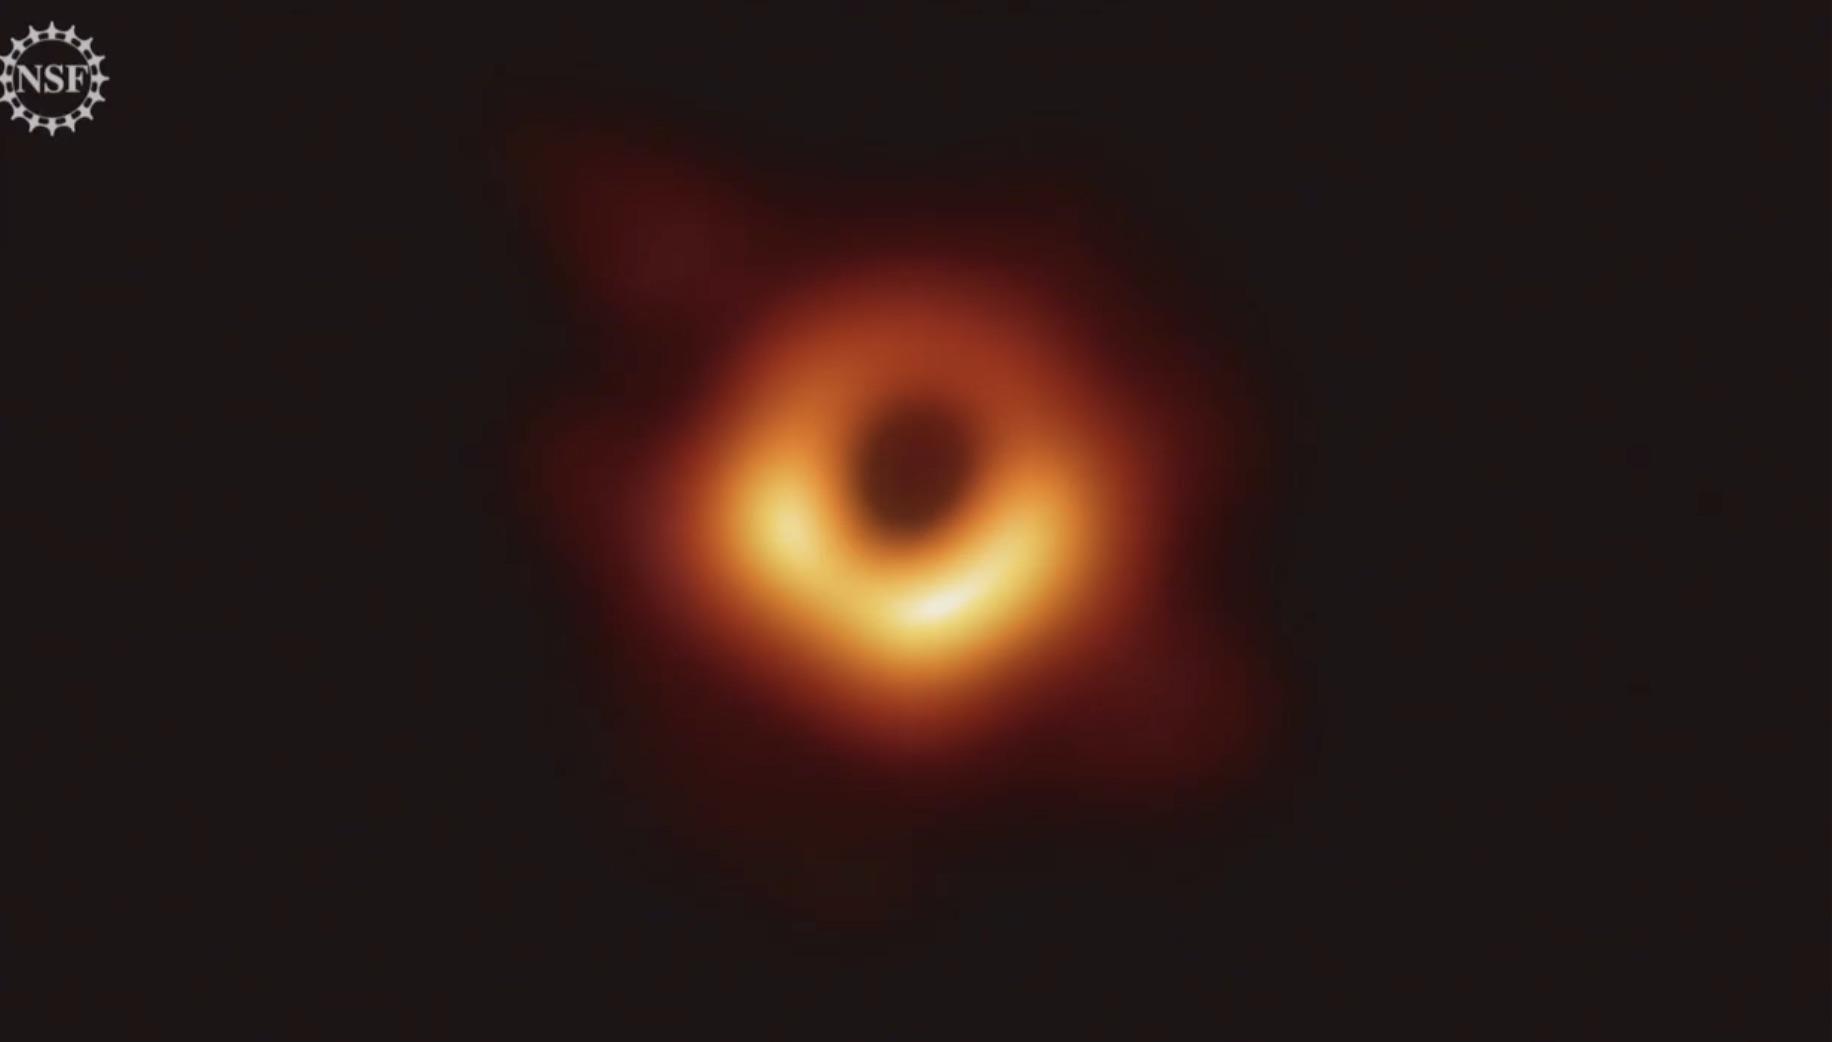 C'est la toute première image d'un trou noir.